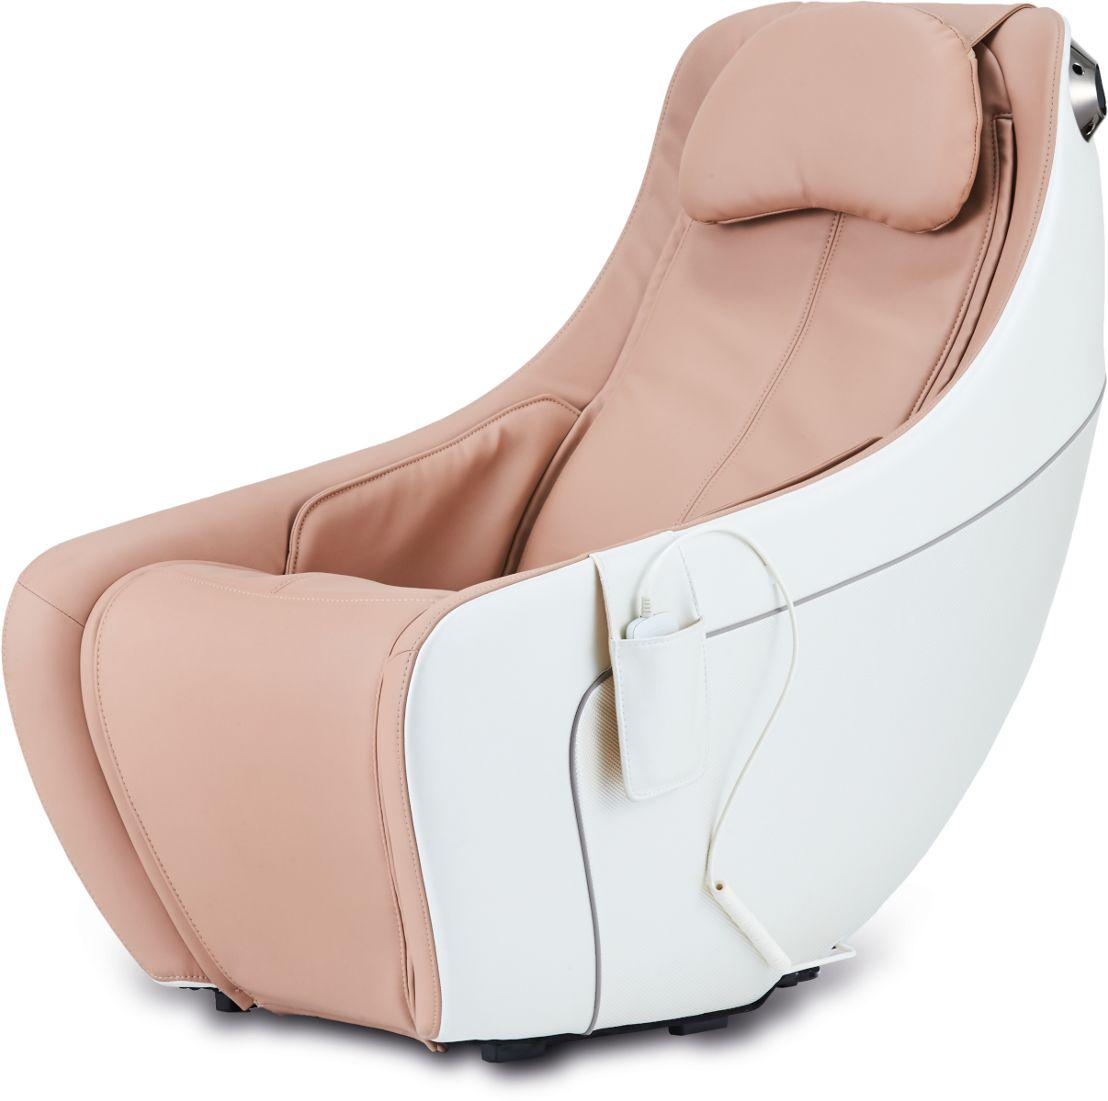 Fotel do masażu CirC 100937 Synca Beżowy